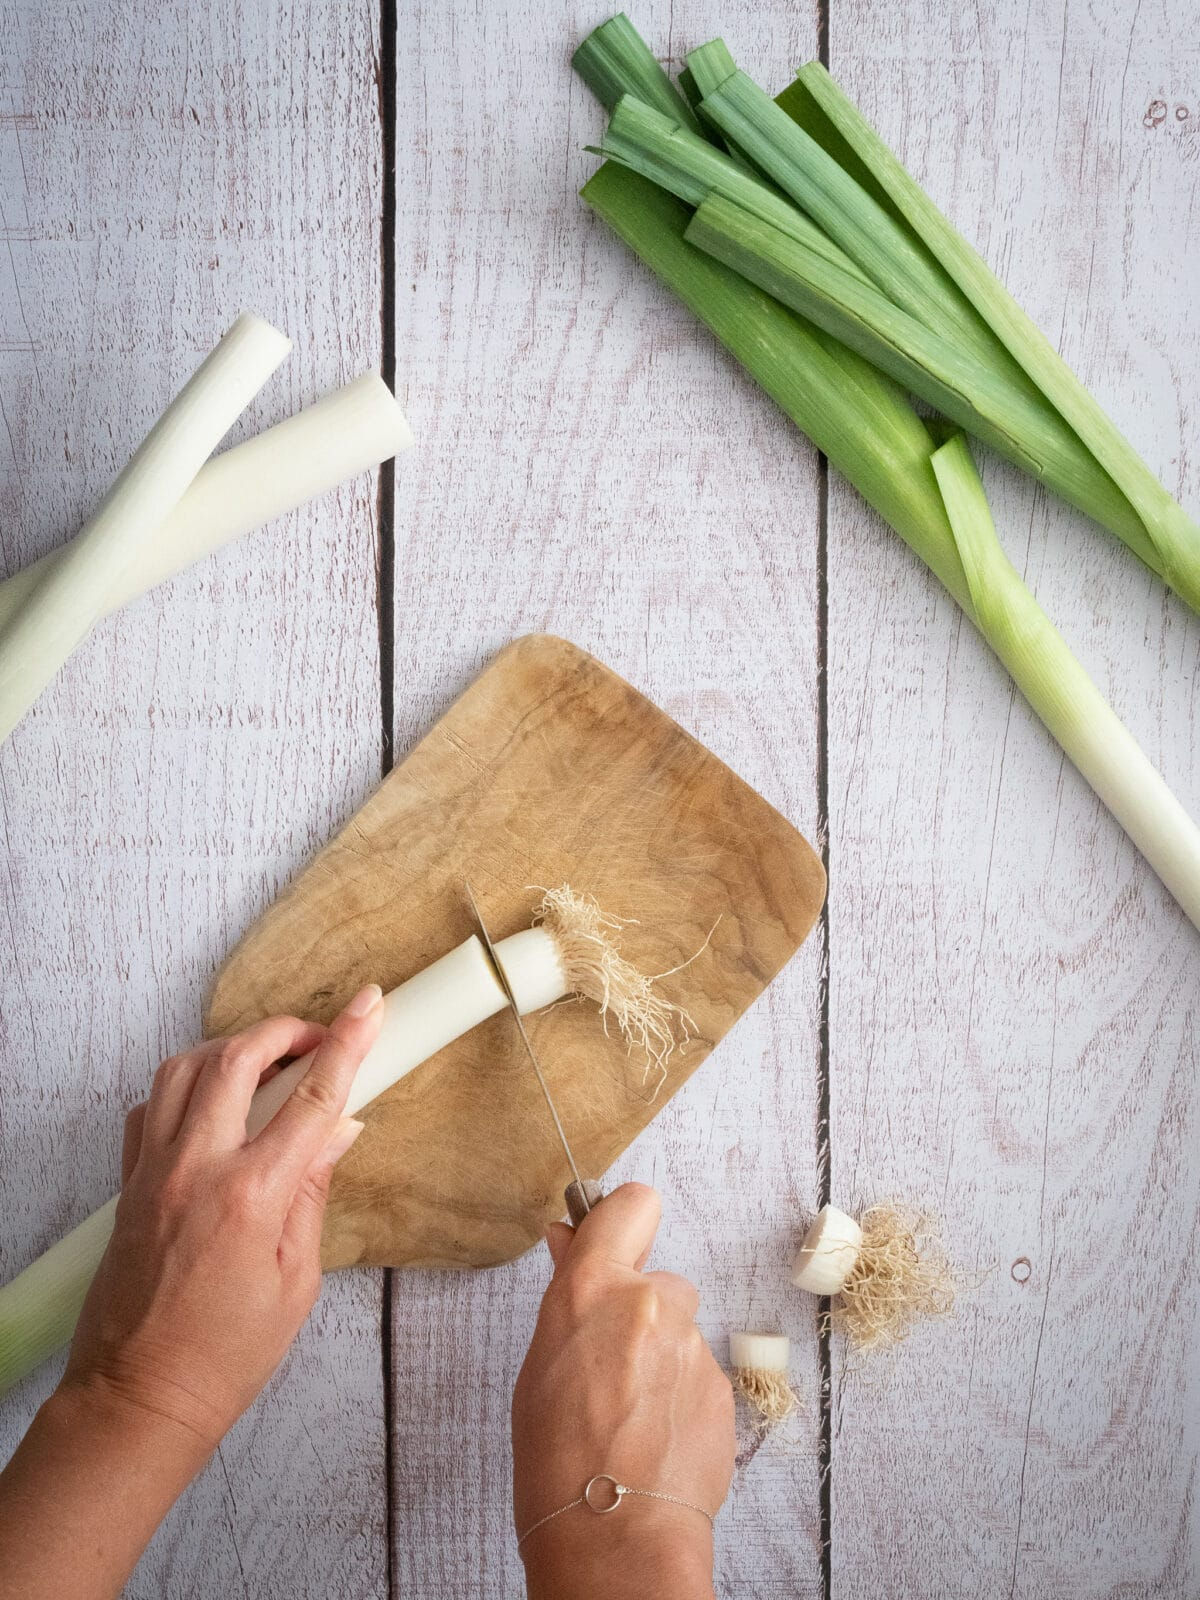 etape 1 pour la realisation de la fondue de poireaux couper les racines des poireaux